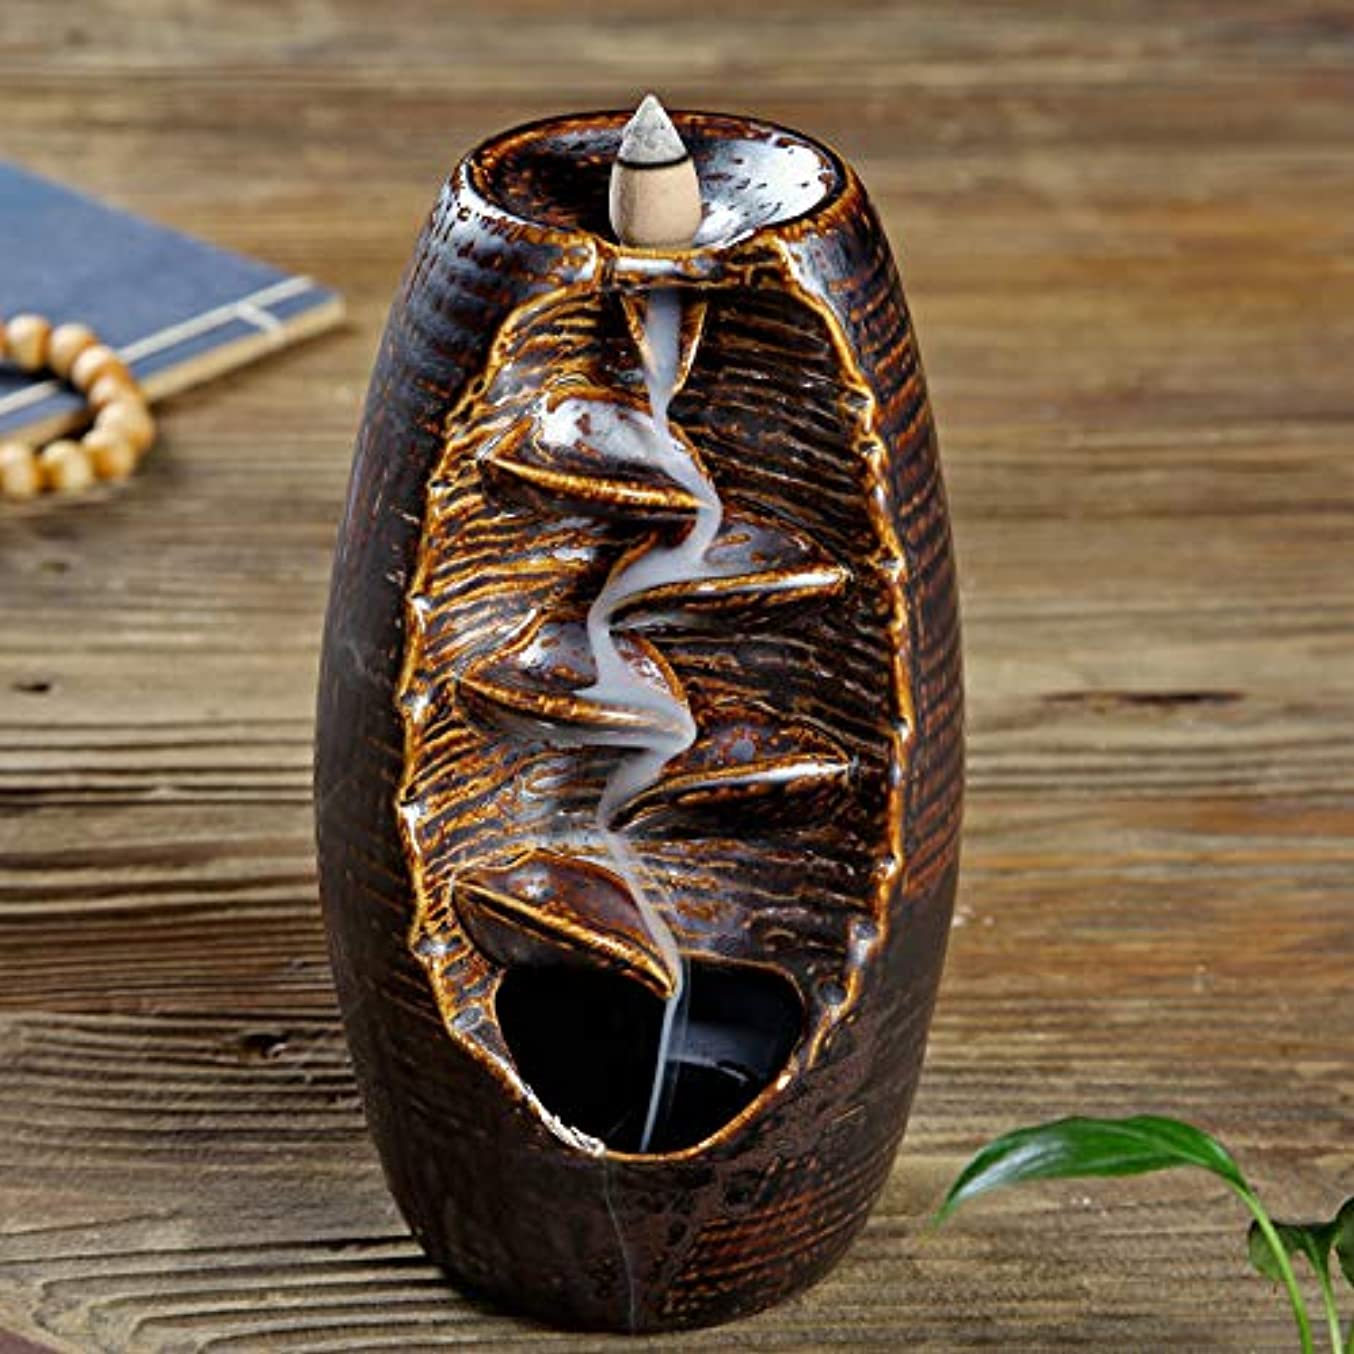 体系的に拳場合セラミック花瓶 スモークバック香炉 クリエイティブキルン 逆流アロマテラピー炉 家の装飾 ホームリビングルームの寝室のデスクトップの装飾